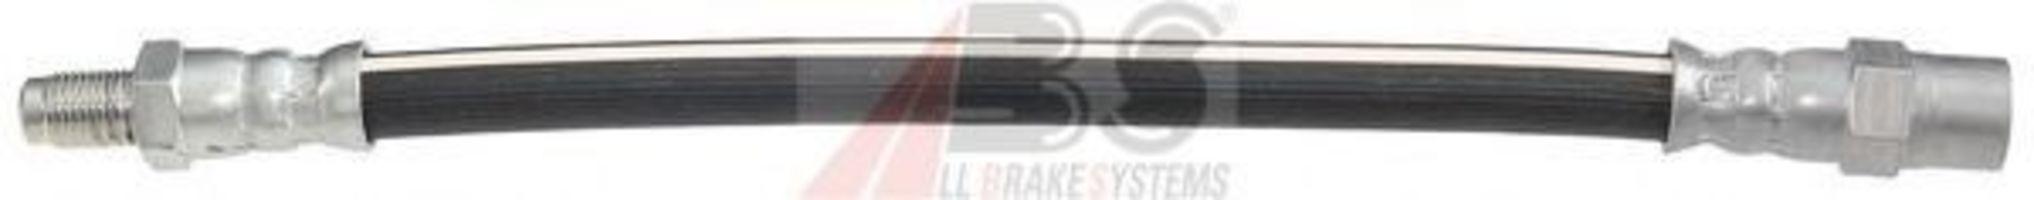 Шланг тормозной A.B.S. SL 1147